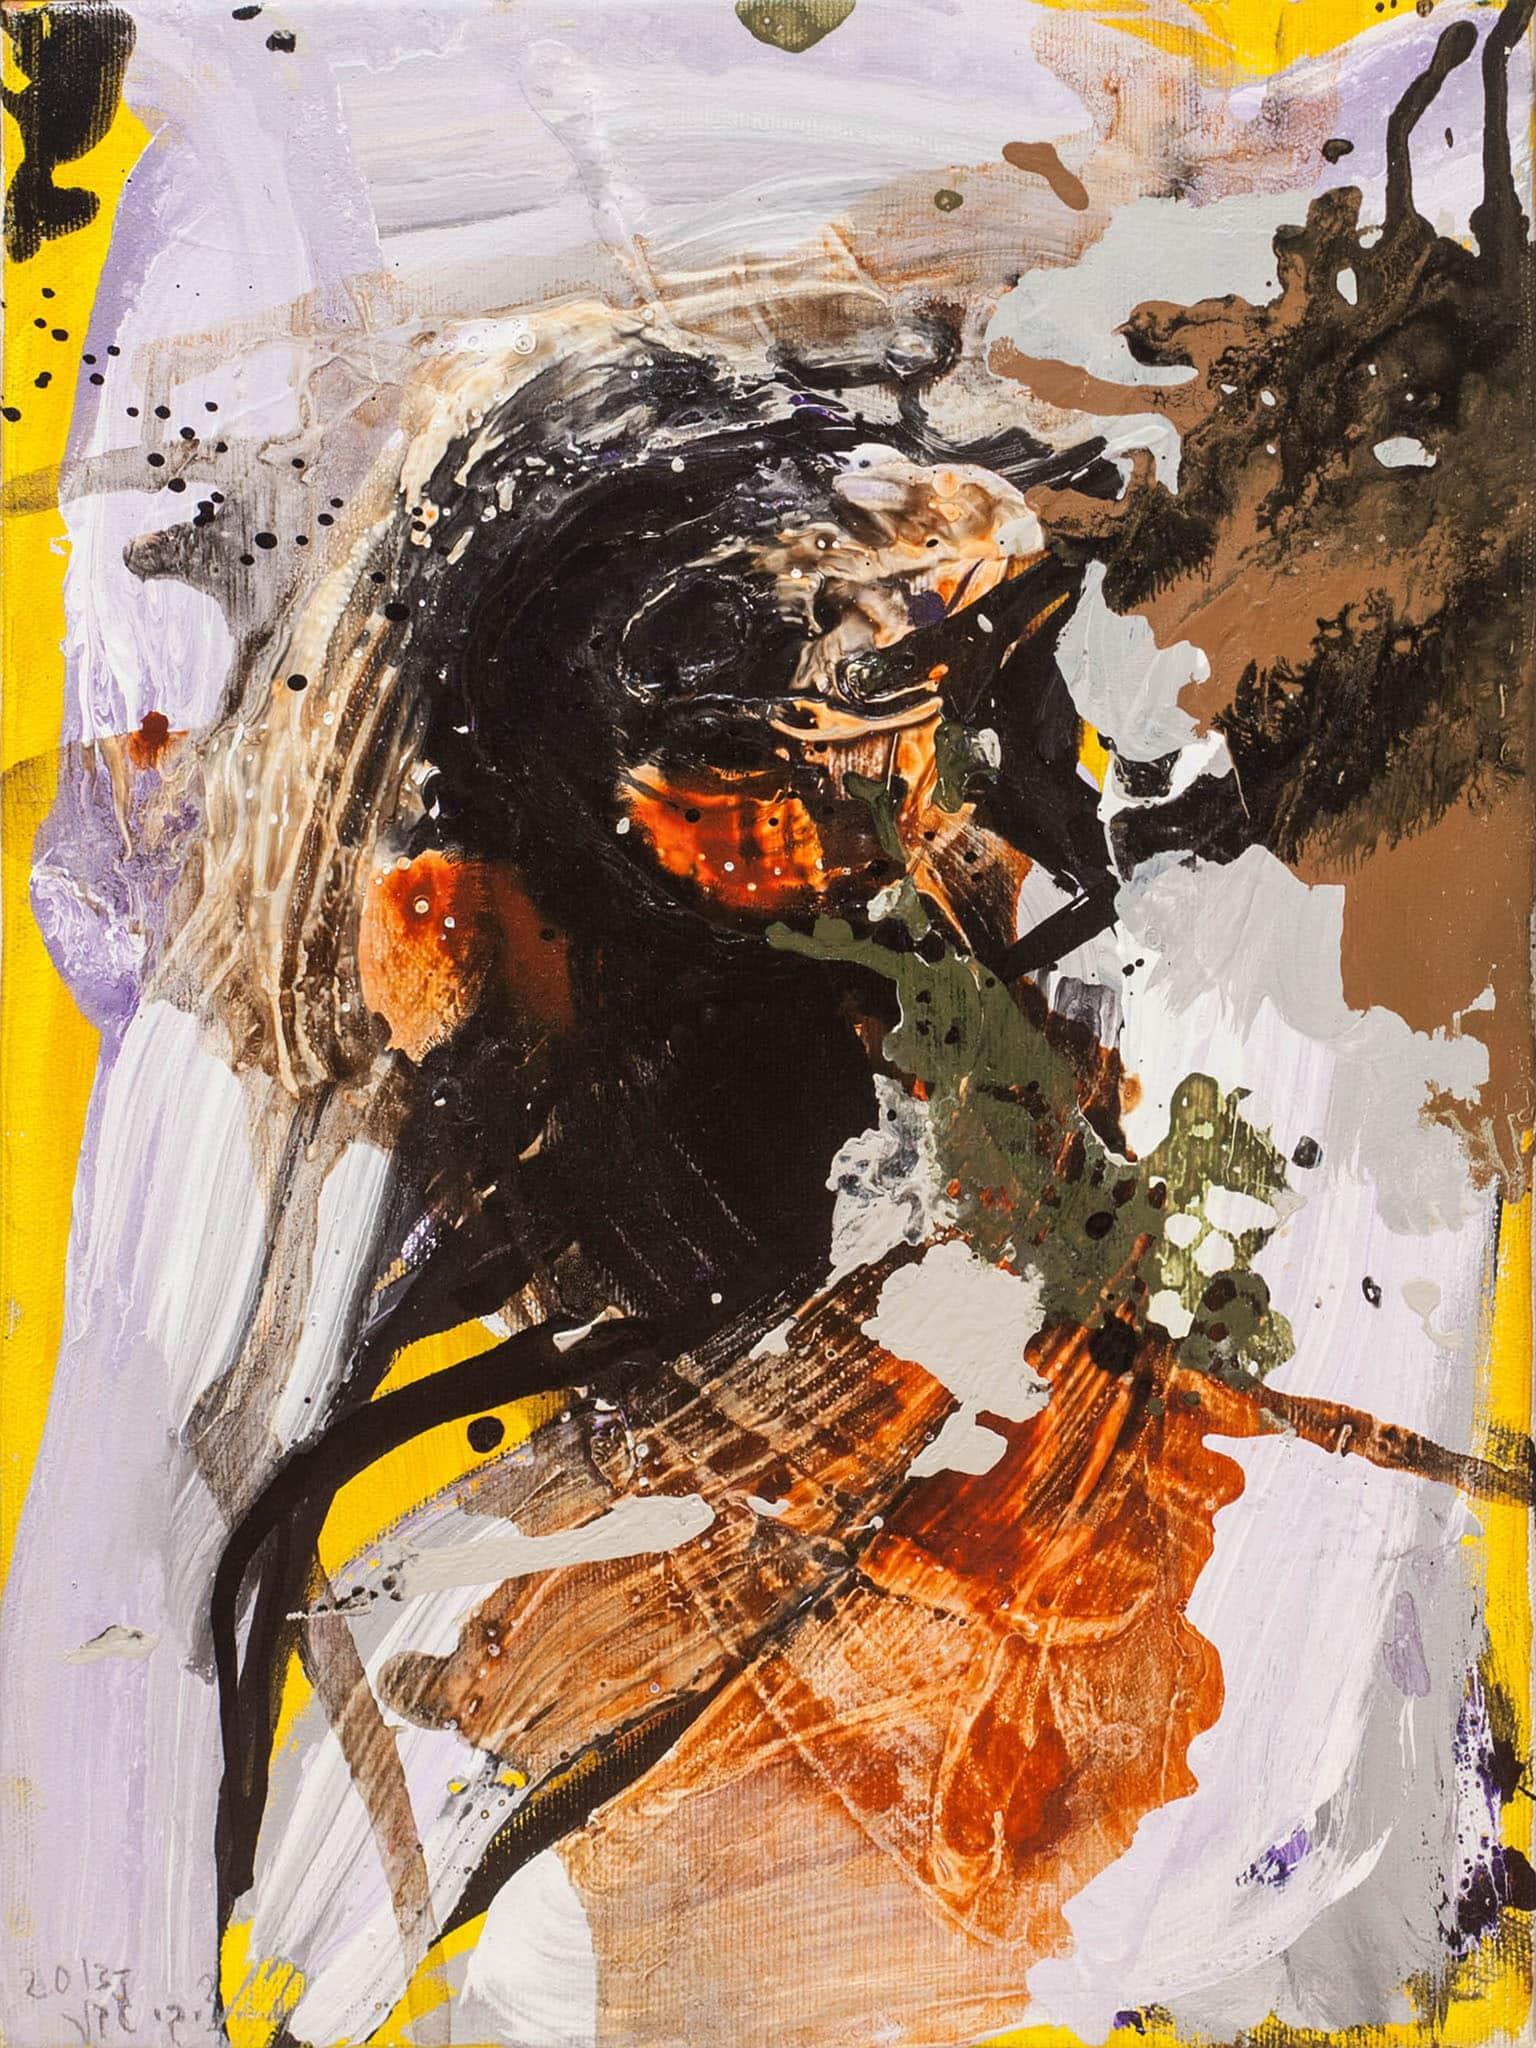 """ציבי גבע, """"ללא כותרת"""", 2013, שמן על בד, 30x40 ס""""מ"""